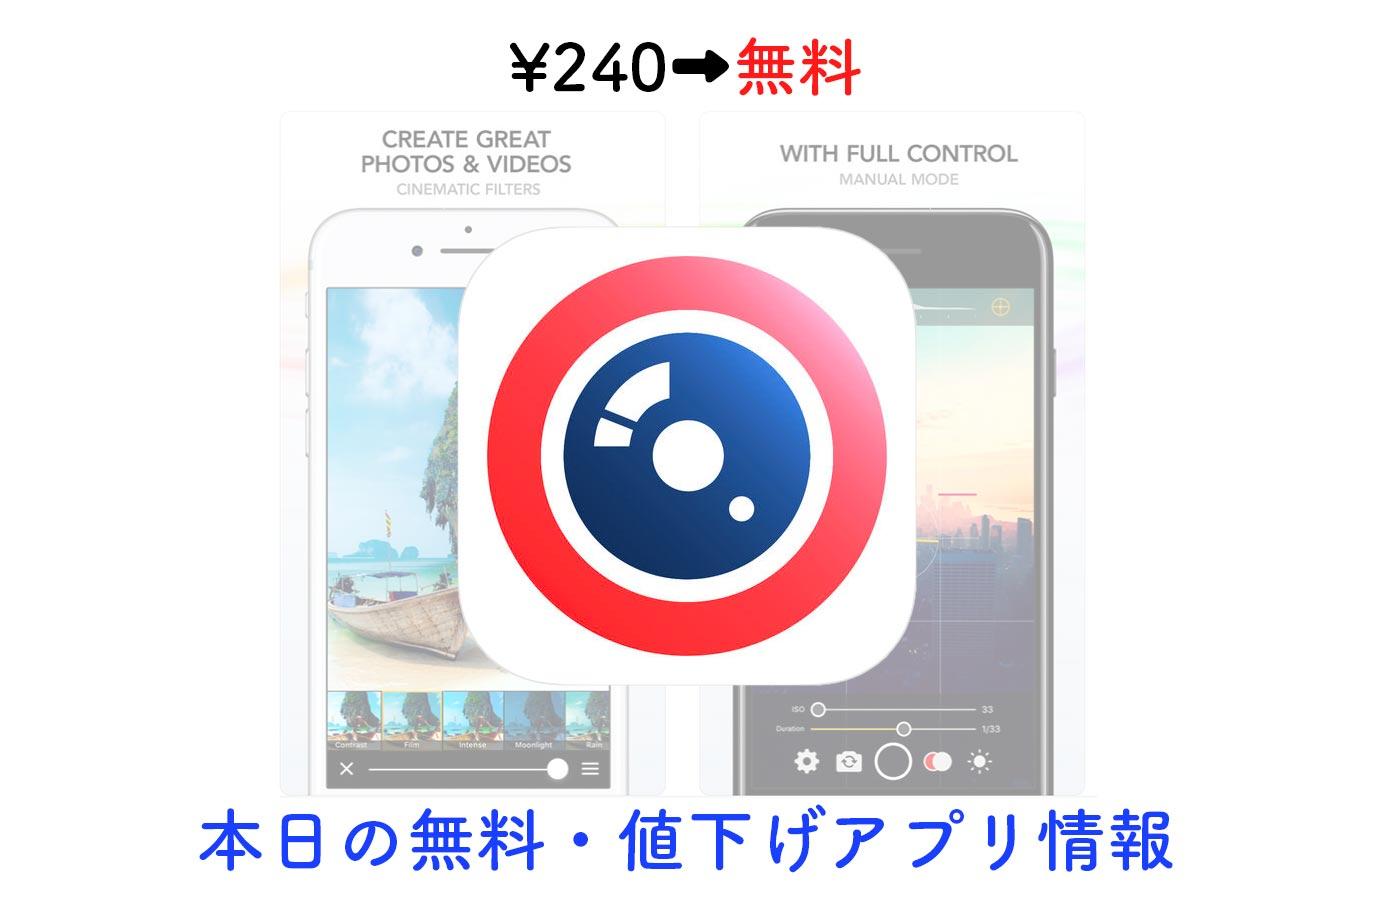 240円→無料、シネマティック3Dリアルタイムフィルターを搭載した「A.R.T. Camera」など【5/19】セールアプリ情報